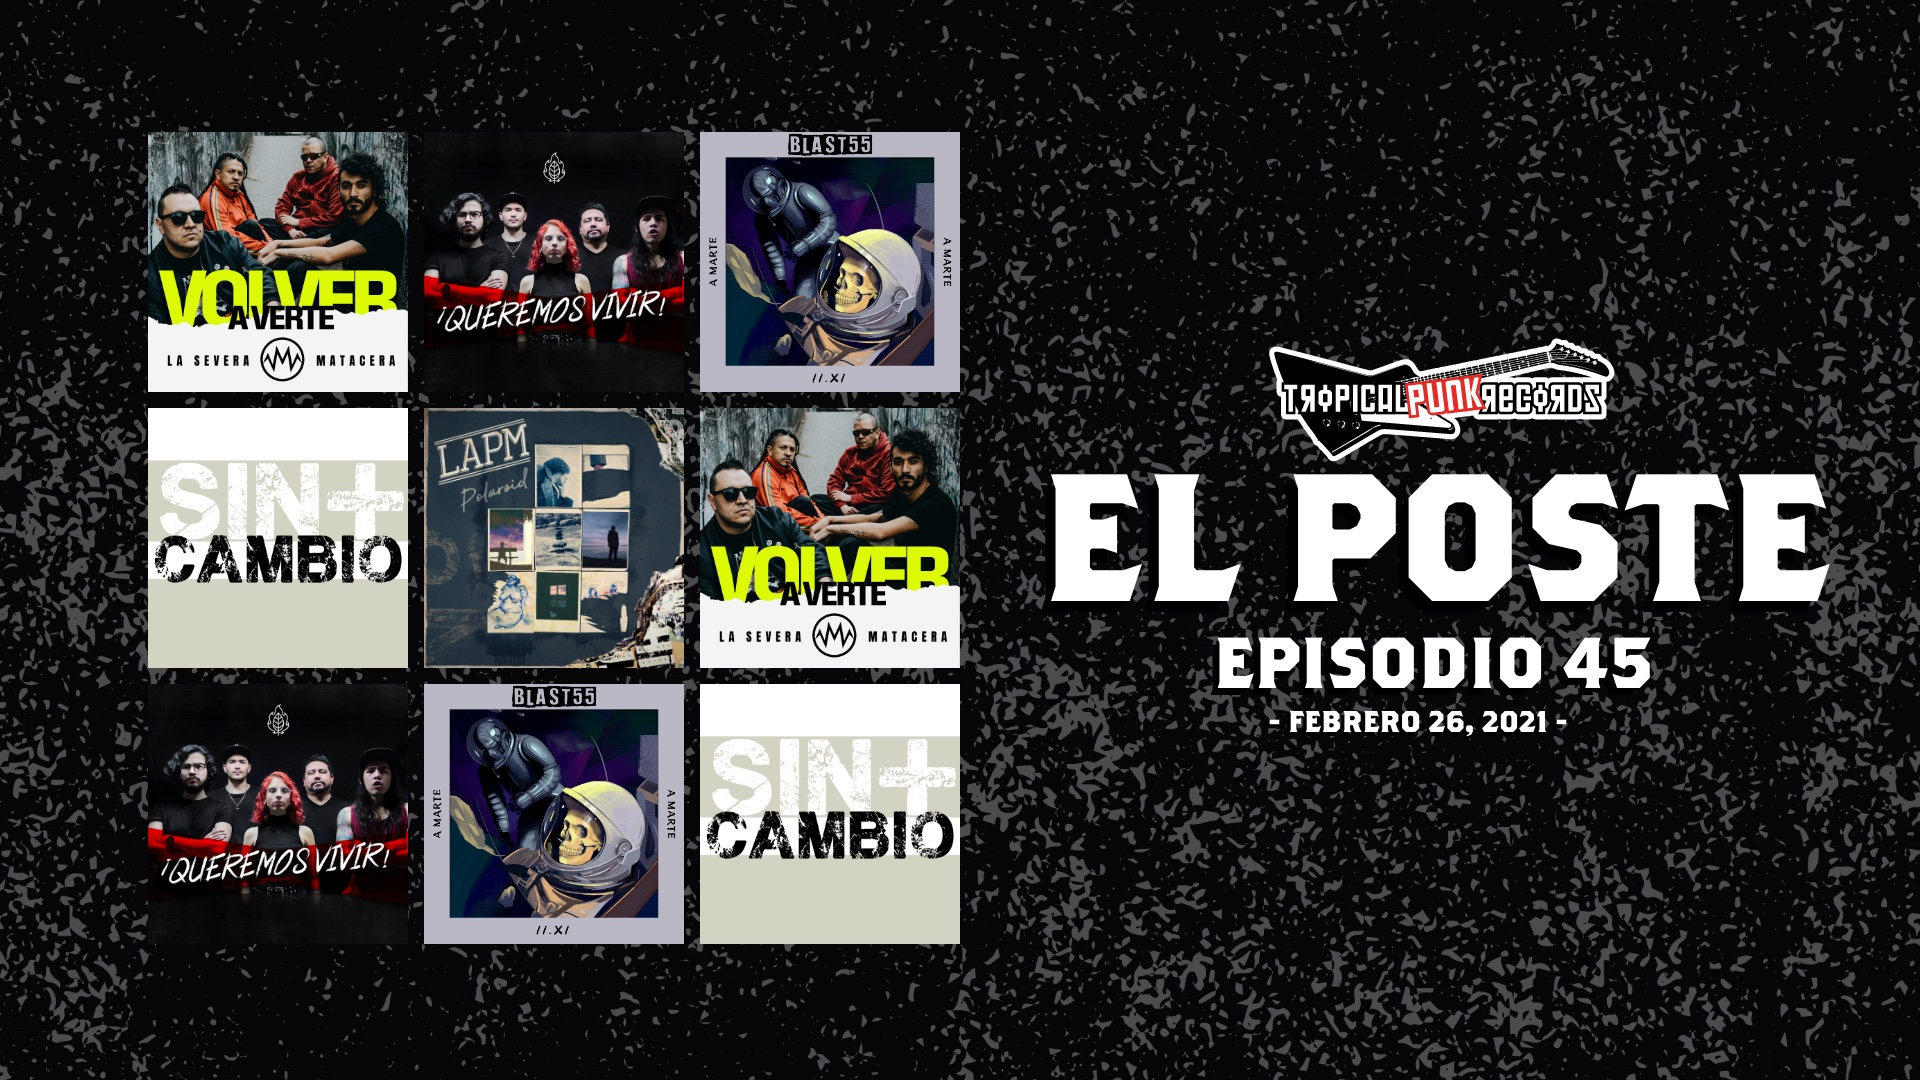 El Poste Episodio 45 con La Severa Matacera, Asuntos Pendientes, LAPM, Blast55 y Sin+ | Neo Travel Cast de Tropical Punk Records